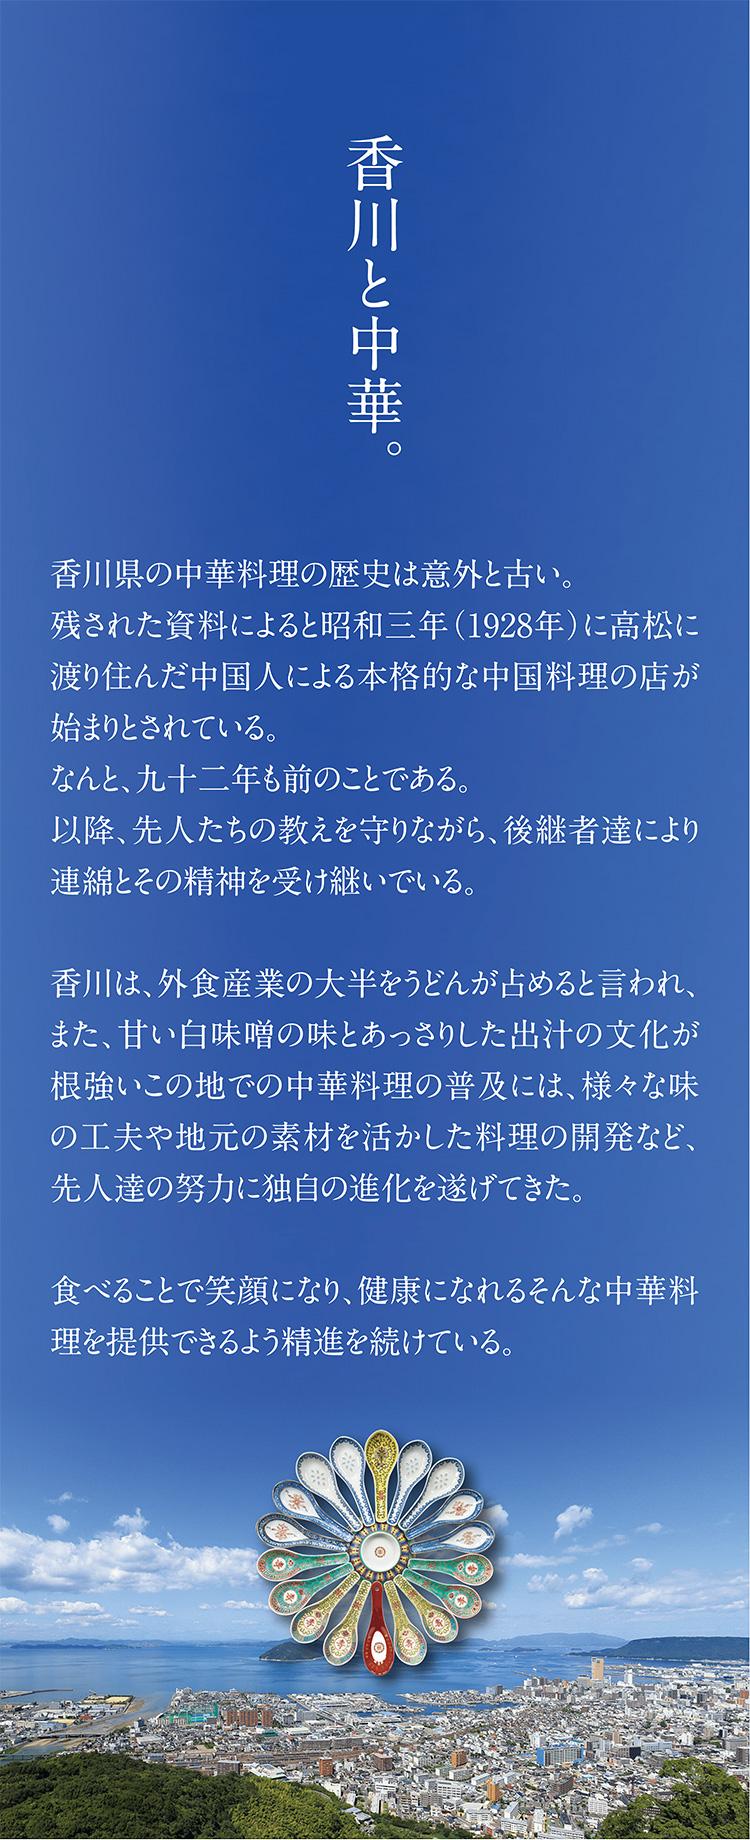 香川と中華。香川県の中華料理の歴史は意外と古い。残された資料によると昭和三年(1928年)に高松に渡り住んだ中国人による本格的な中国料理の店が始まりとされている。なんと、九十二年も前のことである。以降、先人たちの教えを守りながら、後継者達により連綿とその精神を受け継いでいる。香川は、外食産業の大半をうどんが占めると言われ、また、甘い白味噌の味とあっさりした出汁の文化が根強いこの地での中華料理の普及には、様々な味の工夫や地元の素材を活かした料理の開発など、先人達の努力に独自の進化を遂げてきた。食べることで笑顔になり、健康になれるそんな中華料理を提供できるよう精進を続けている。